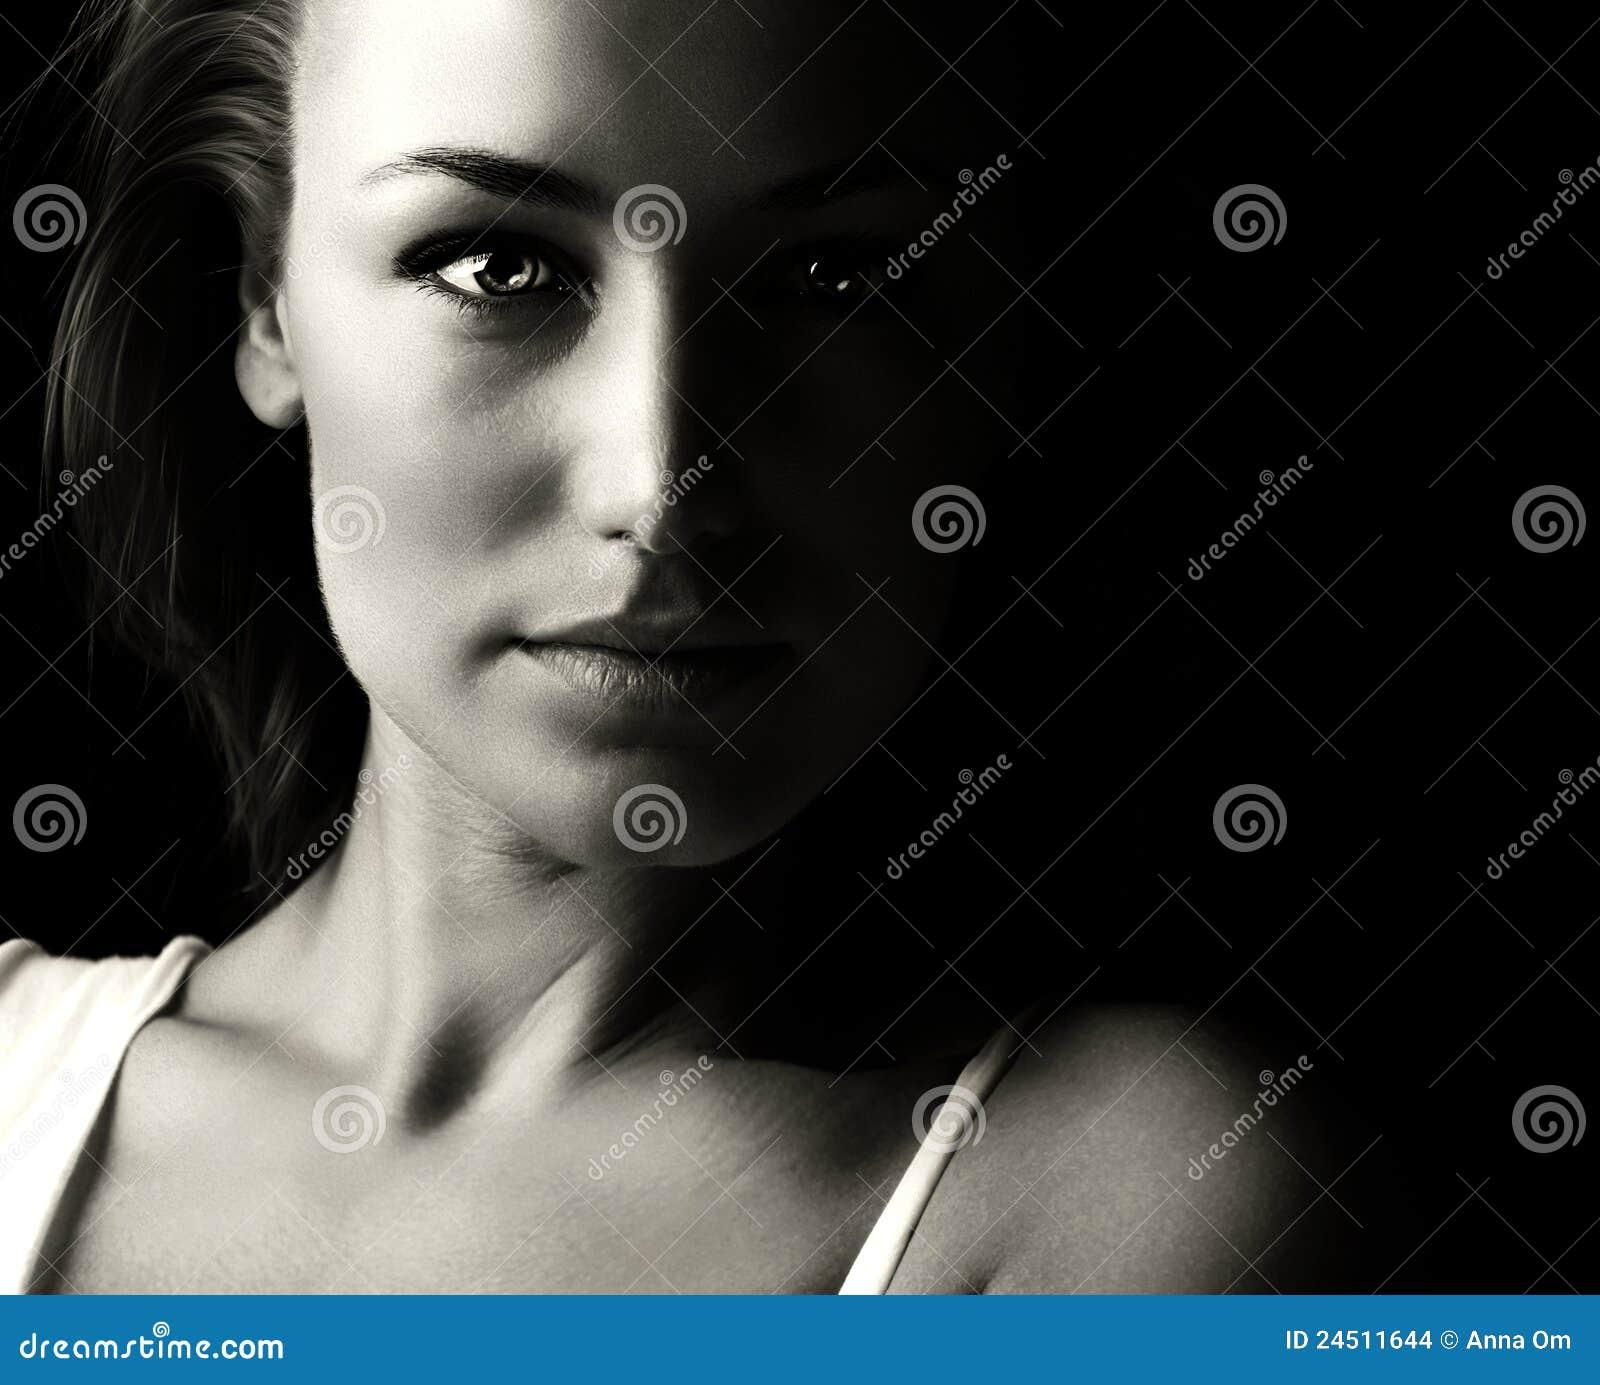 Estremamente Ritratto bianco e nero della donna di glamor foto stock  NL72